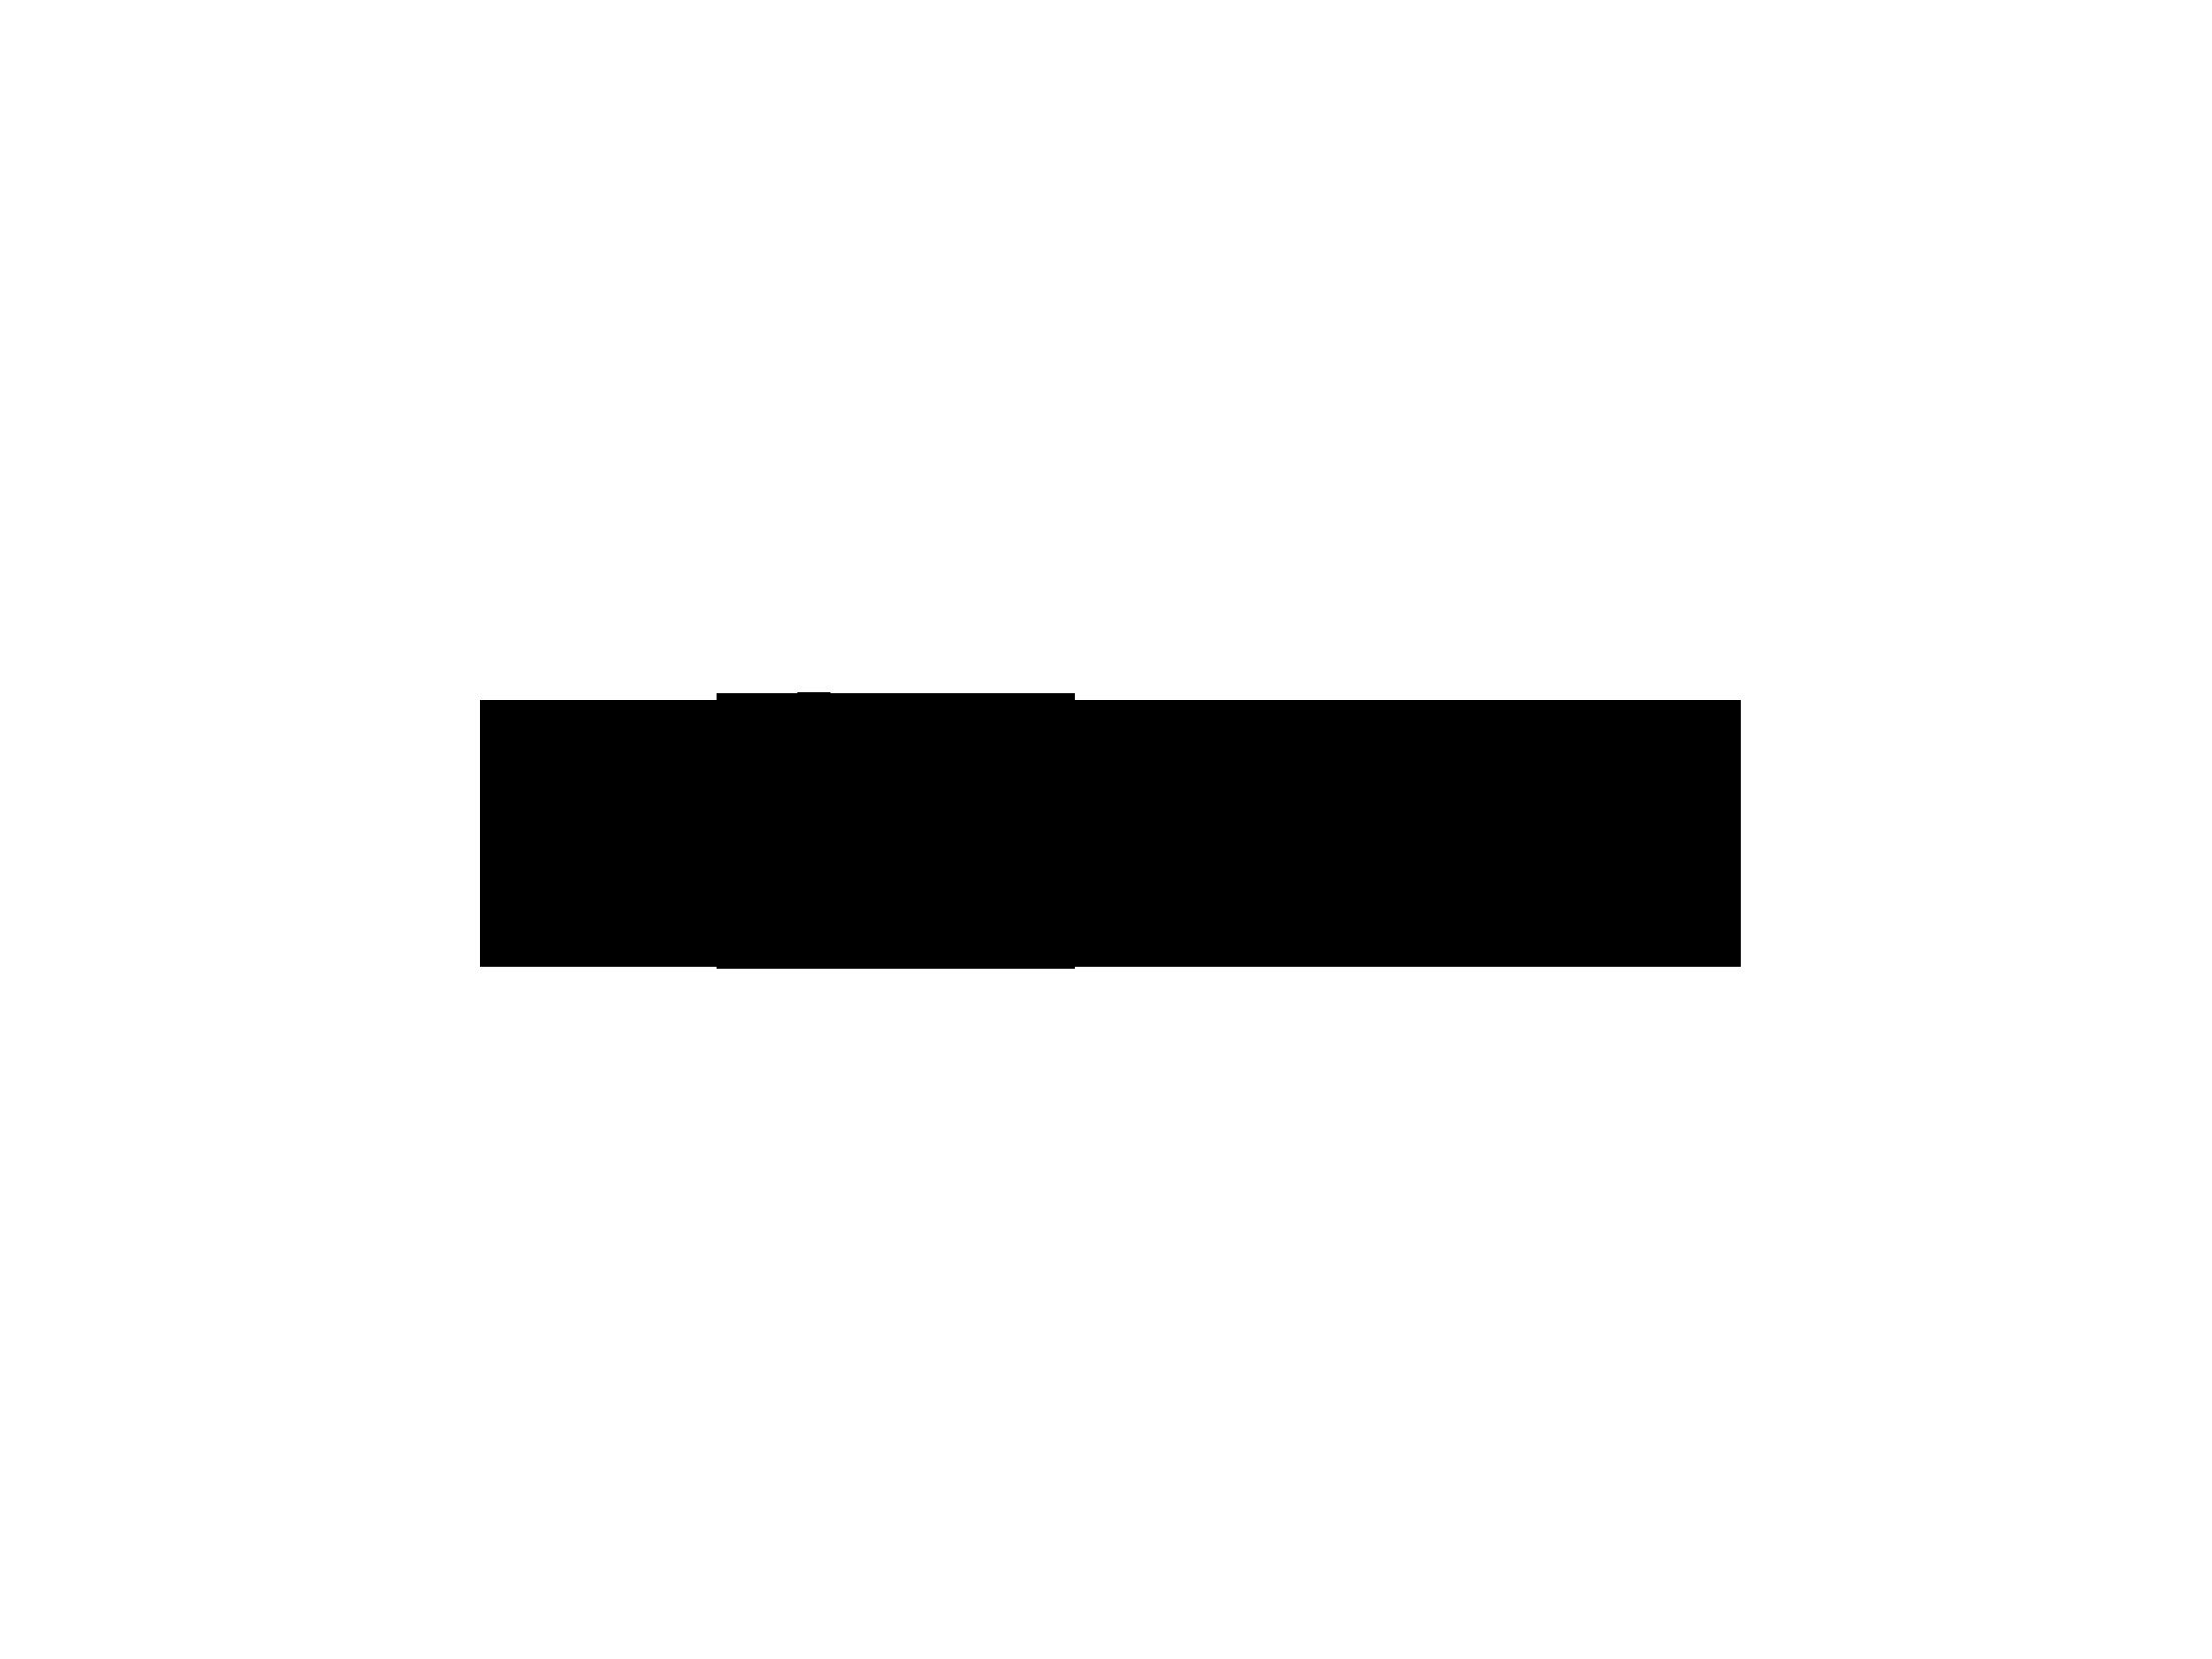 Кохлер лого